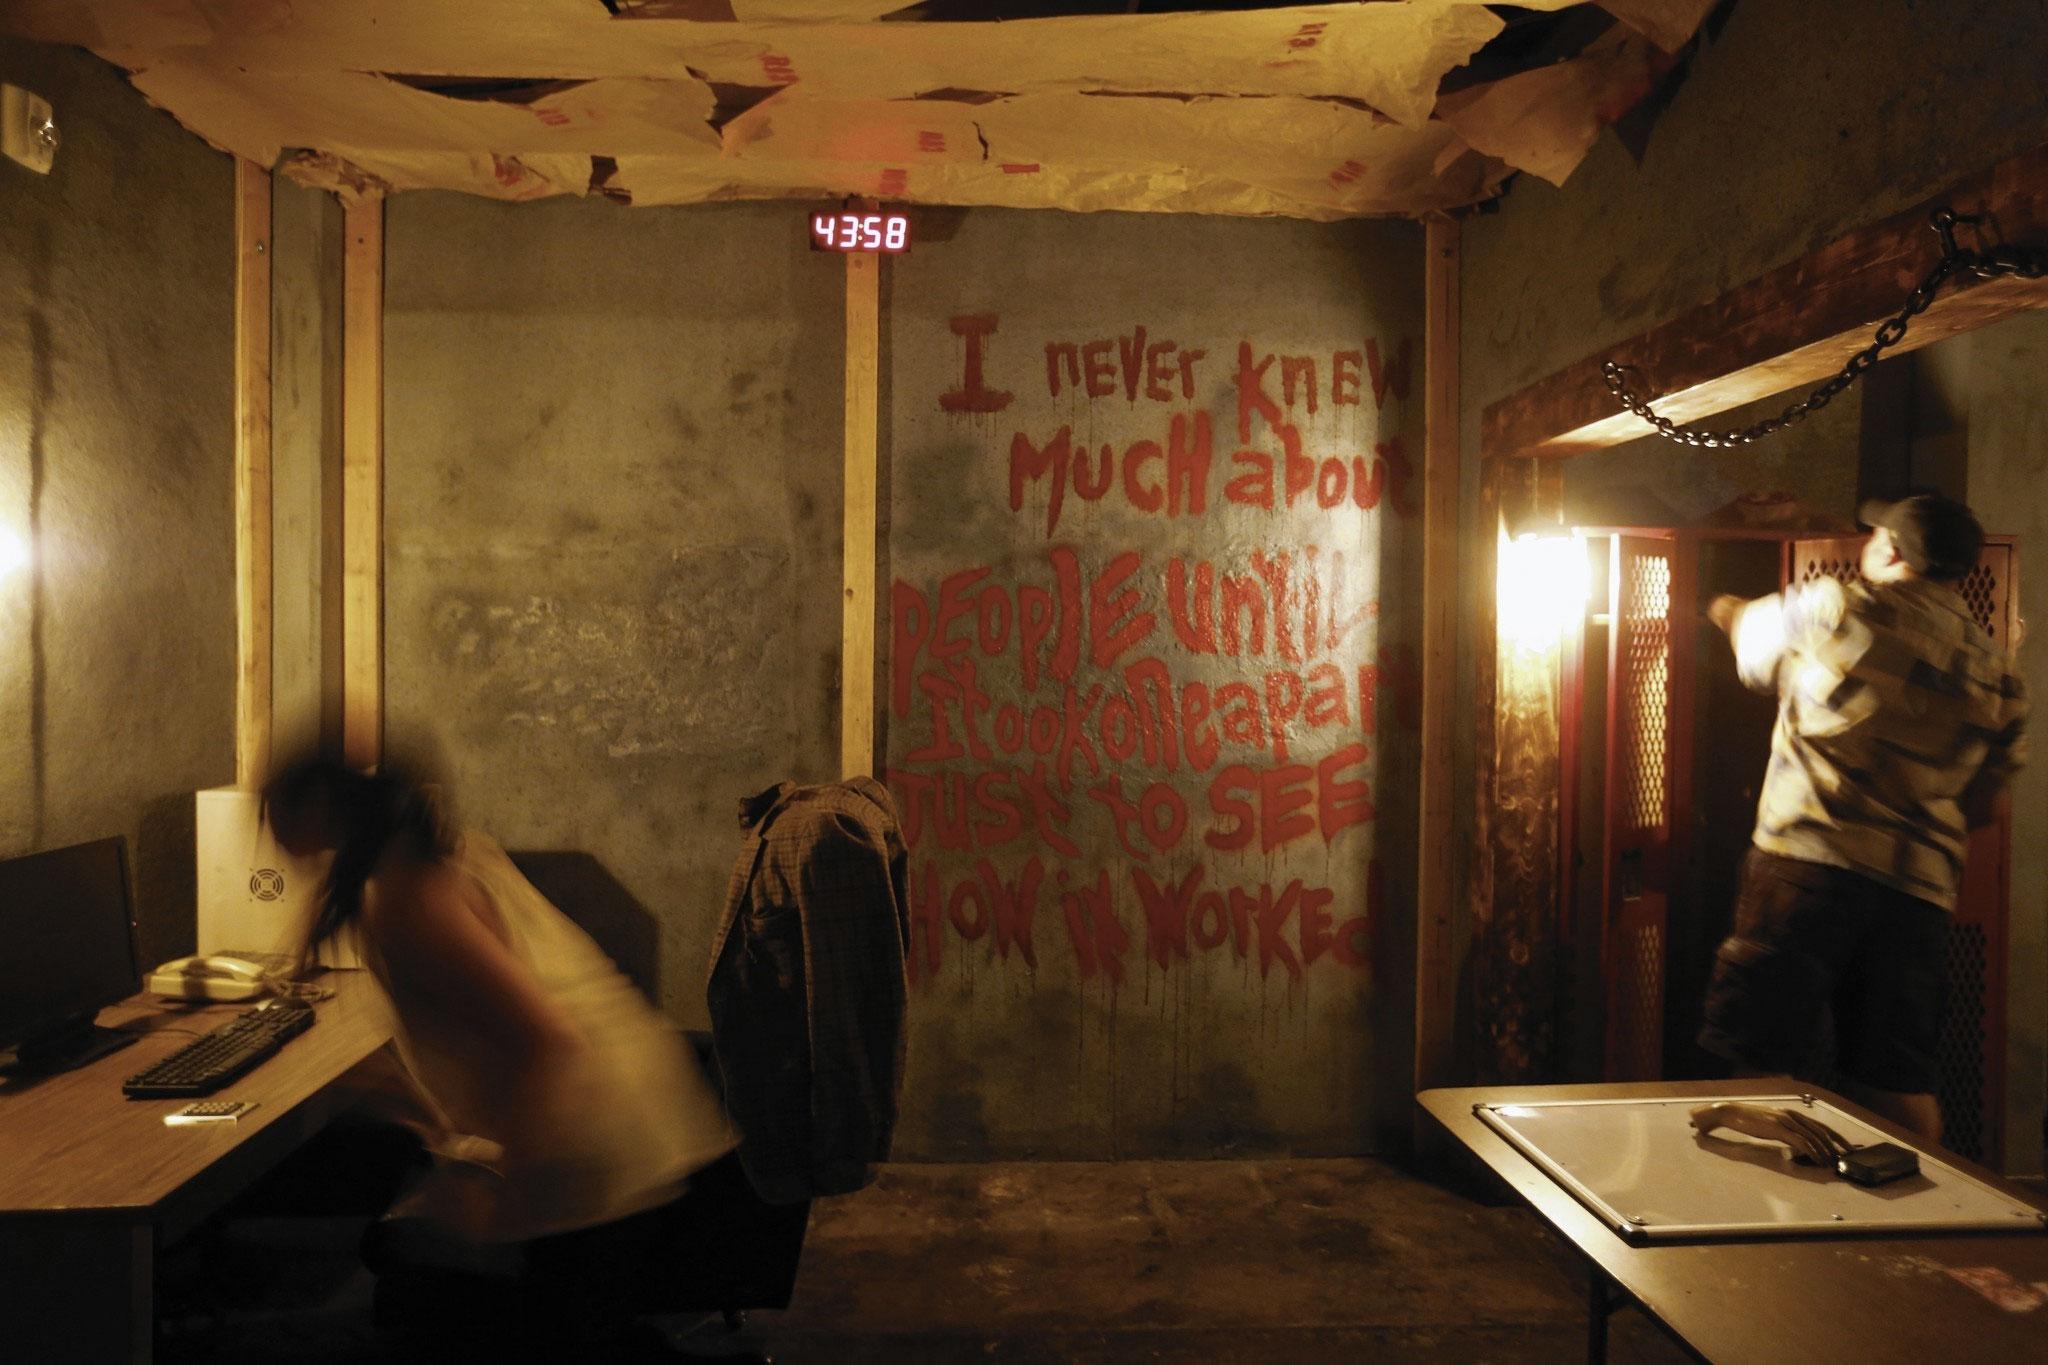 Le escape room arrivano a casa tua